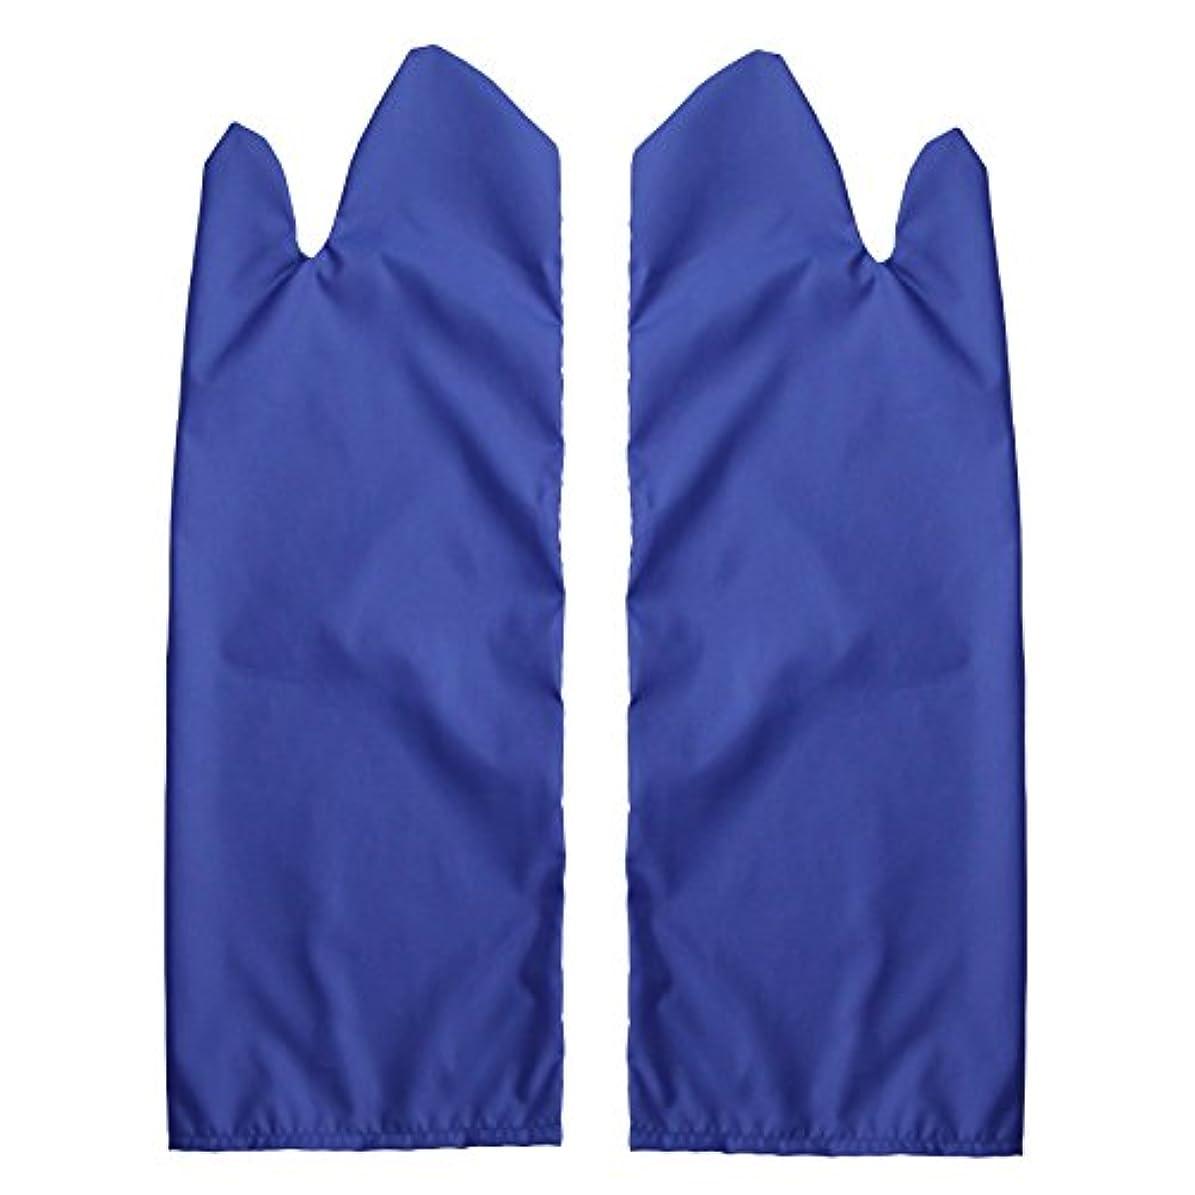 駐地評価エラー体位変換用スライディンググローブ 撥水(ブルー) L /7-3681-04